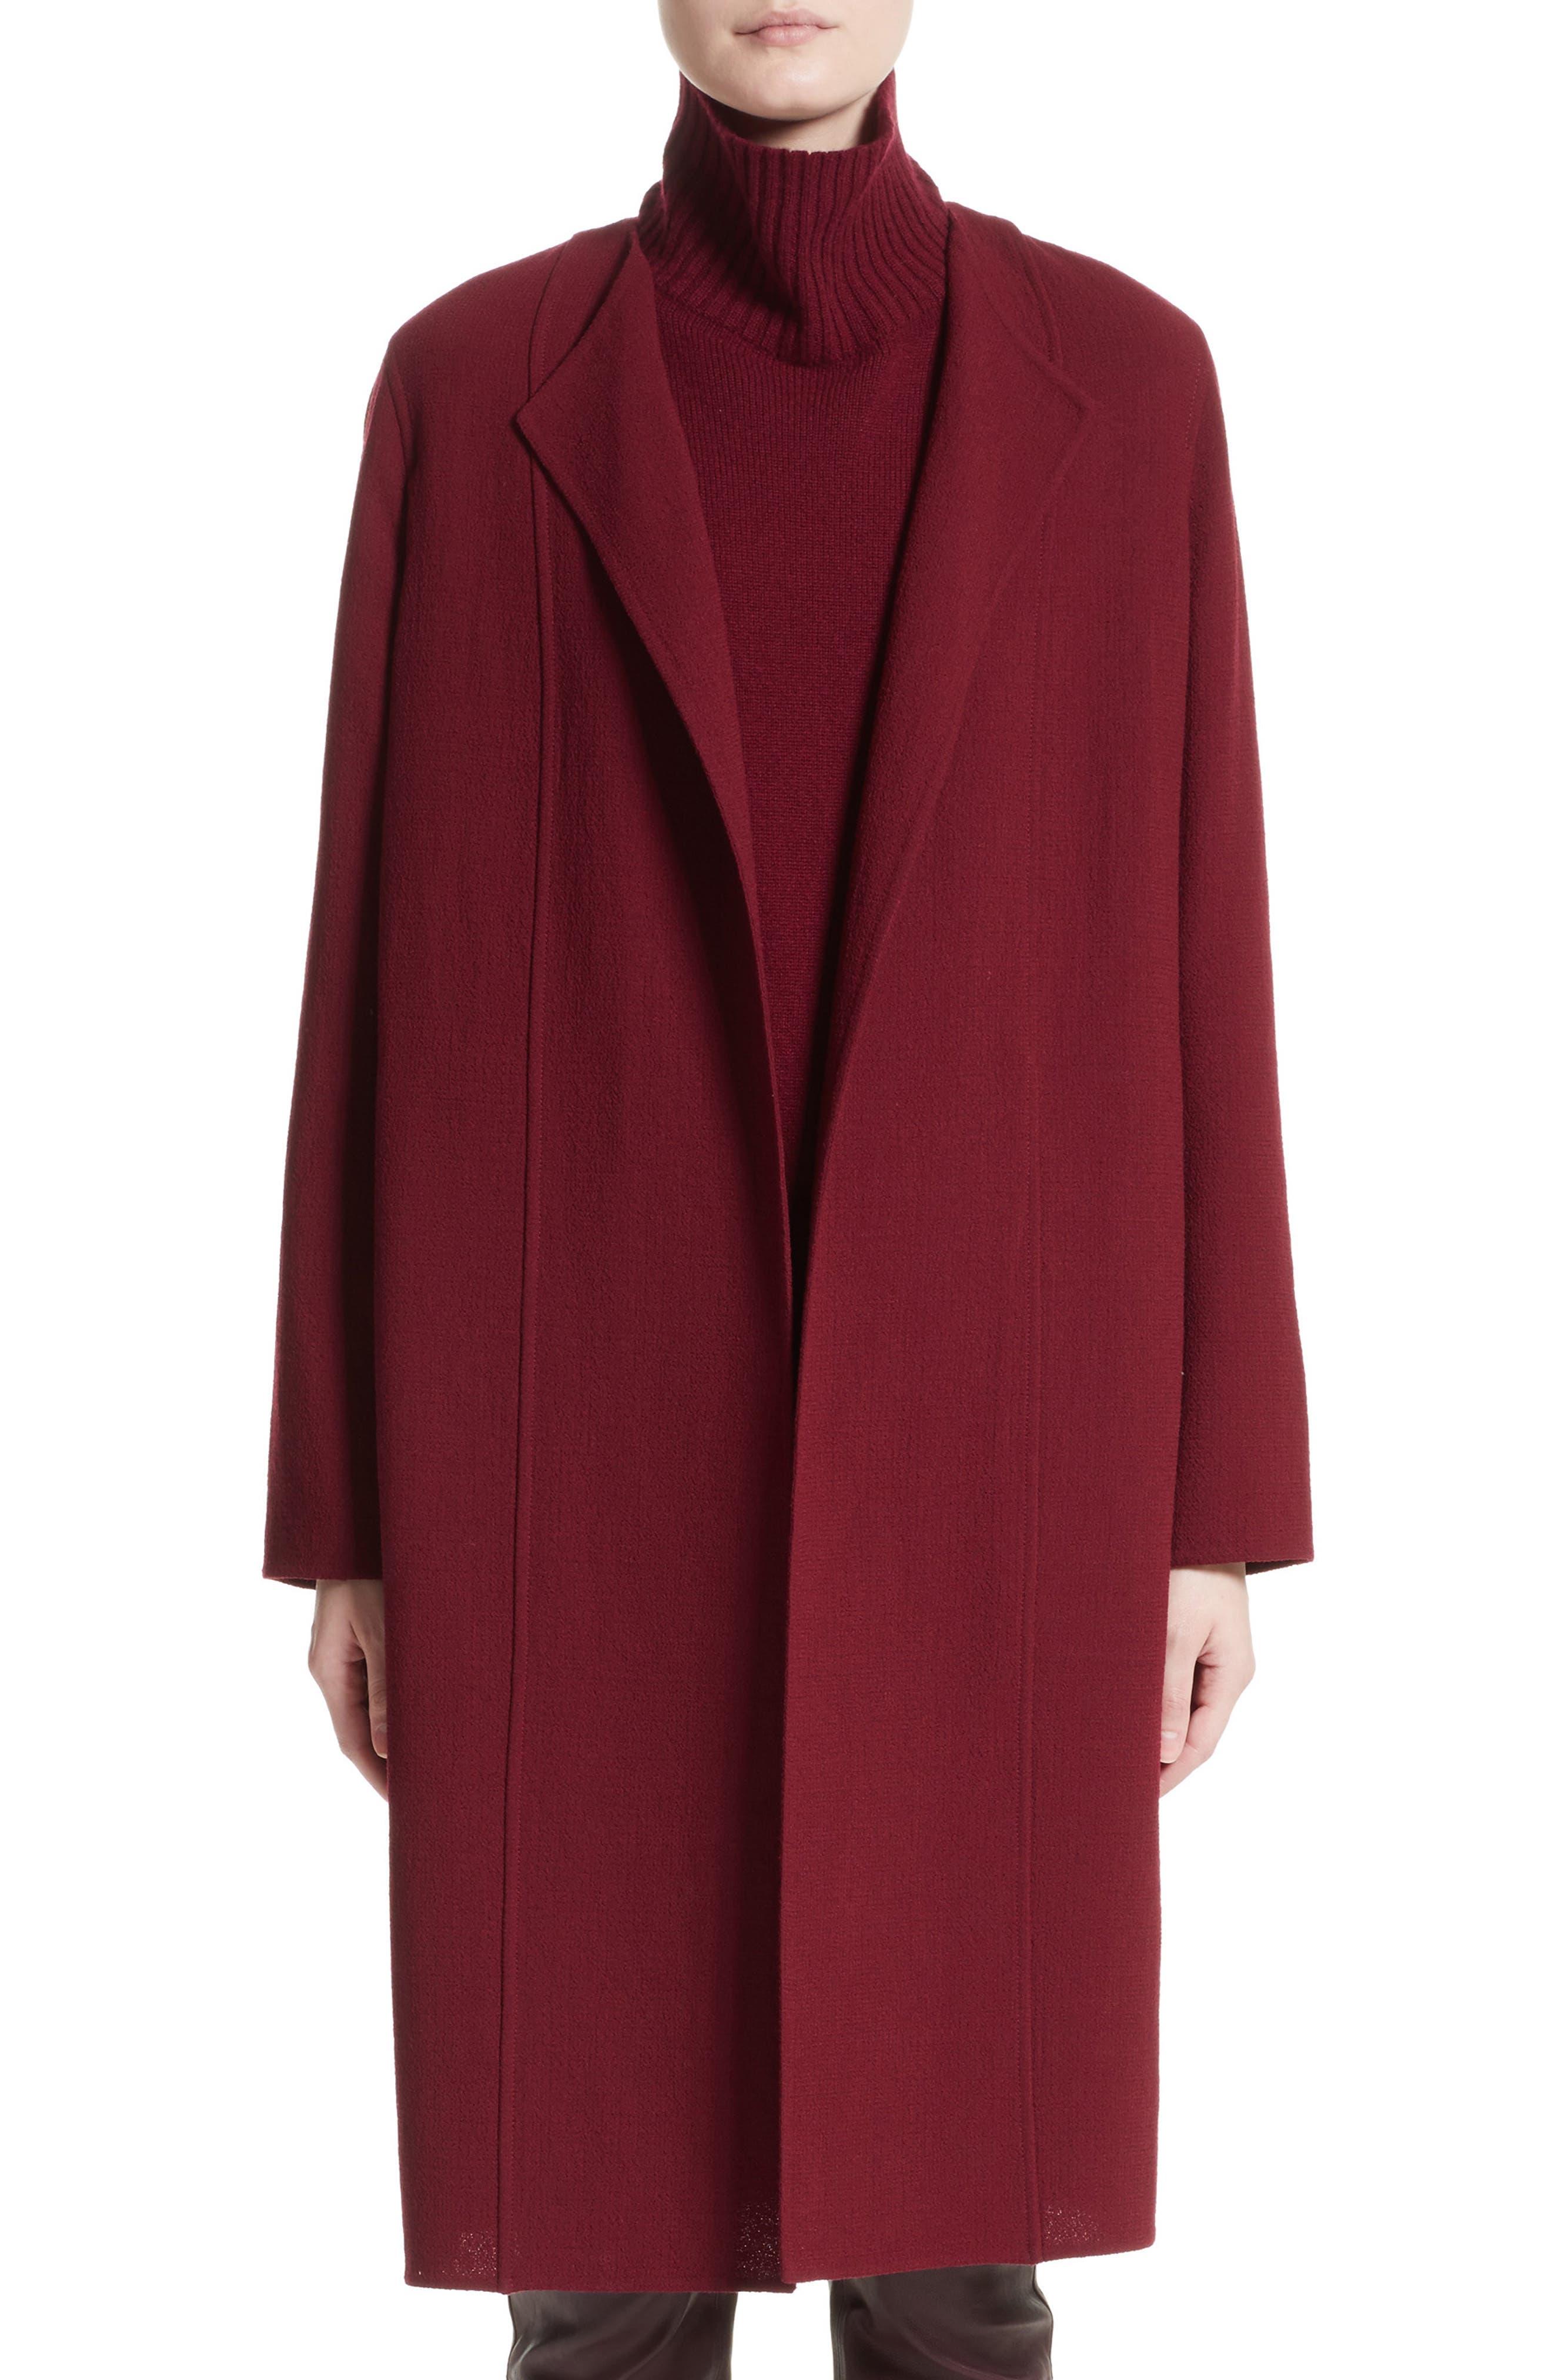 Lafayette 148 New York Robyn Nouveau Crepe Coat